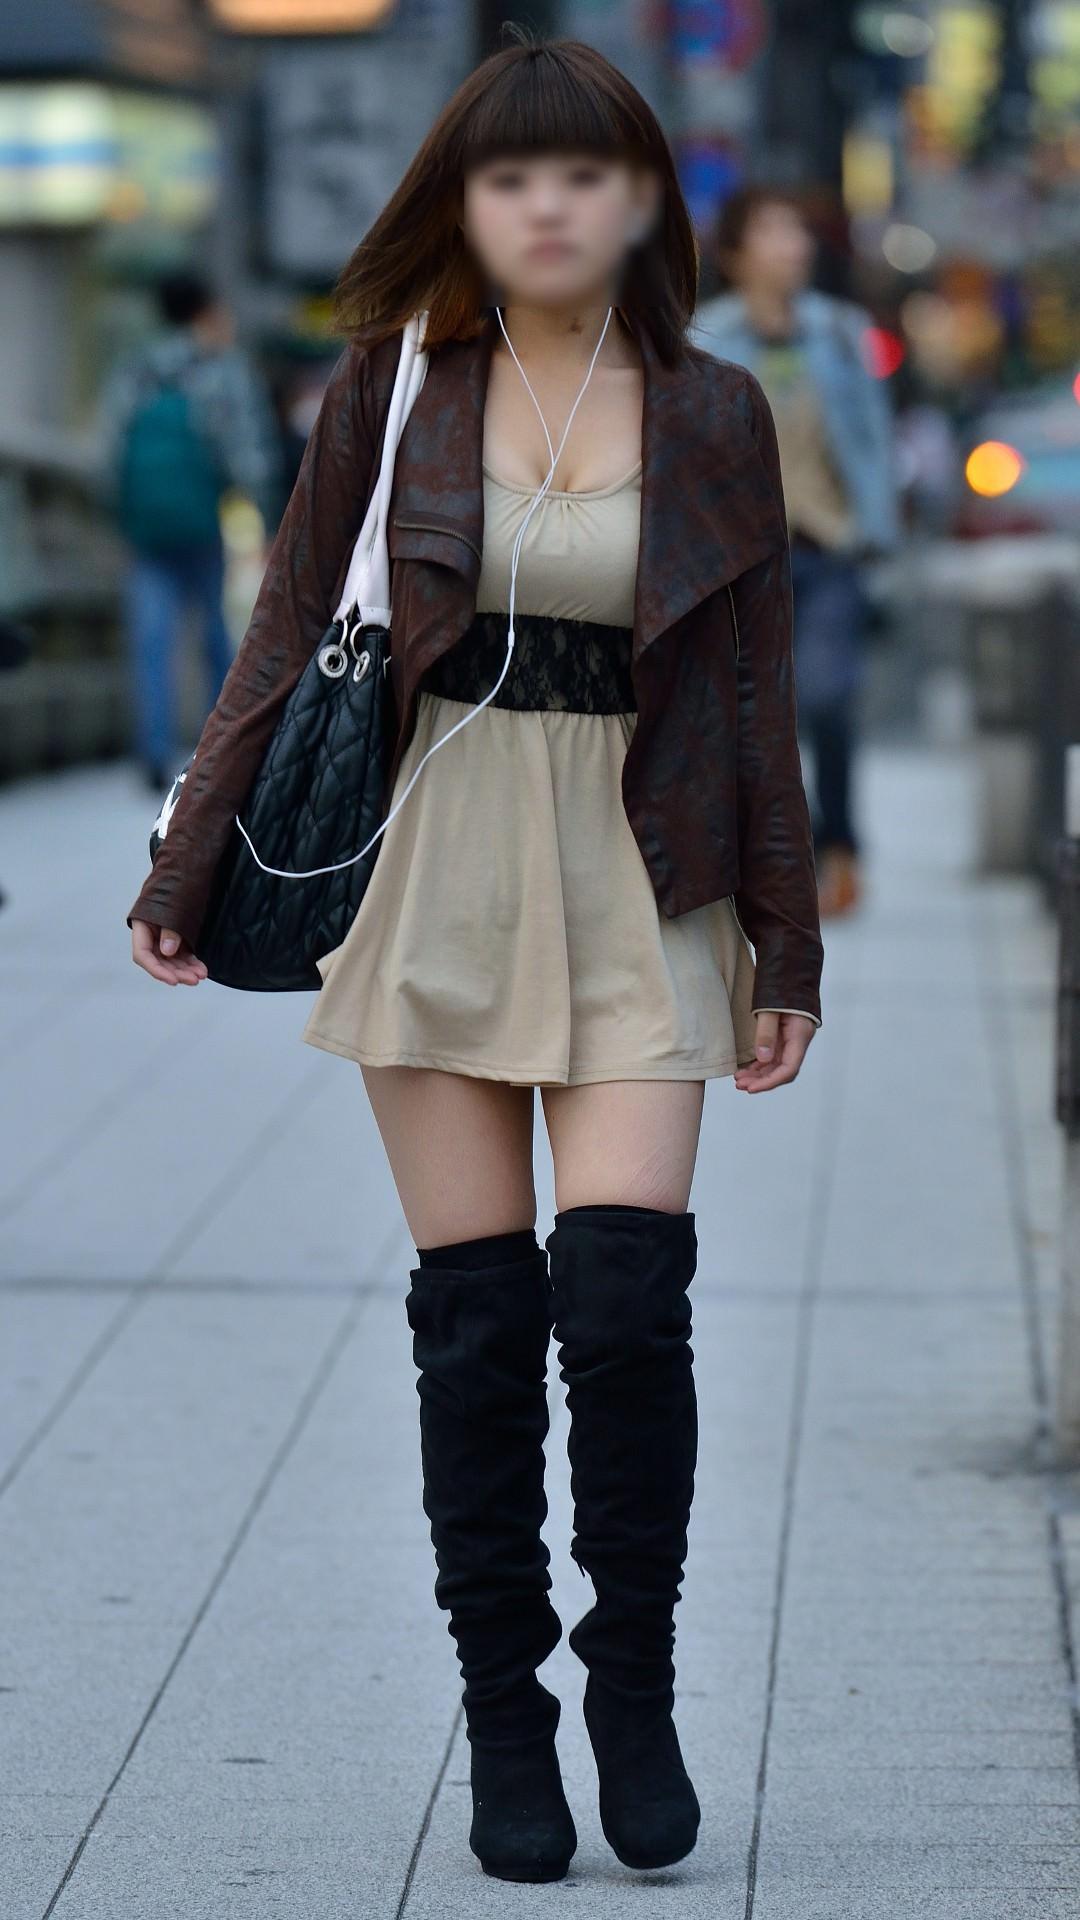 はち切れんばかりの着衣おっぱい!!!お姉さんのビッグ巨乳街撮り画像www 23402